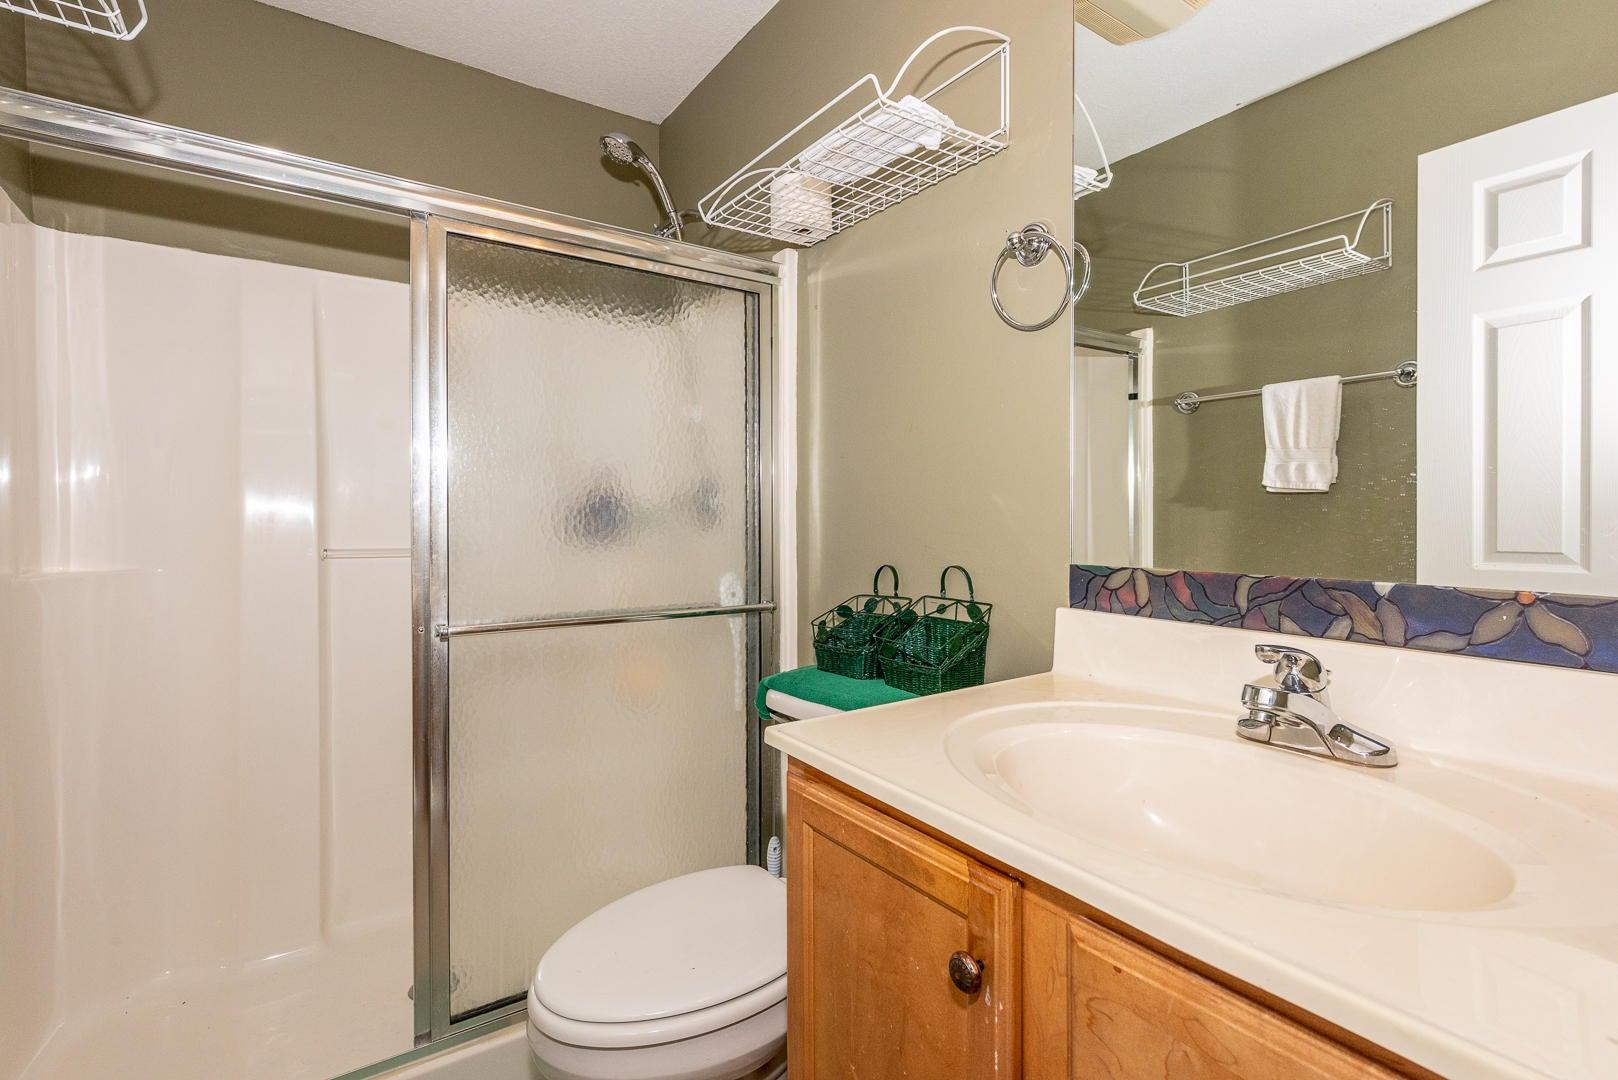 18 - bathroom